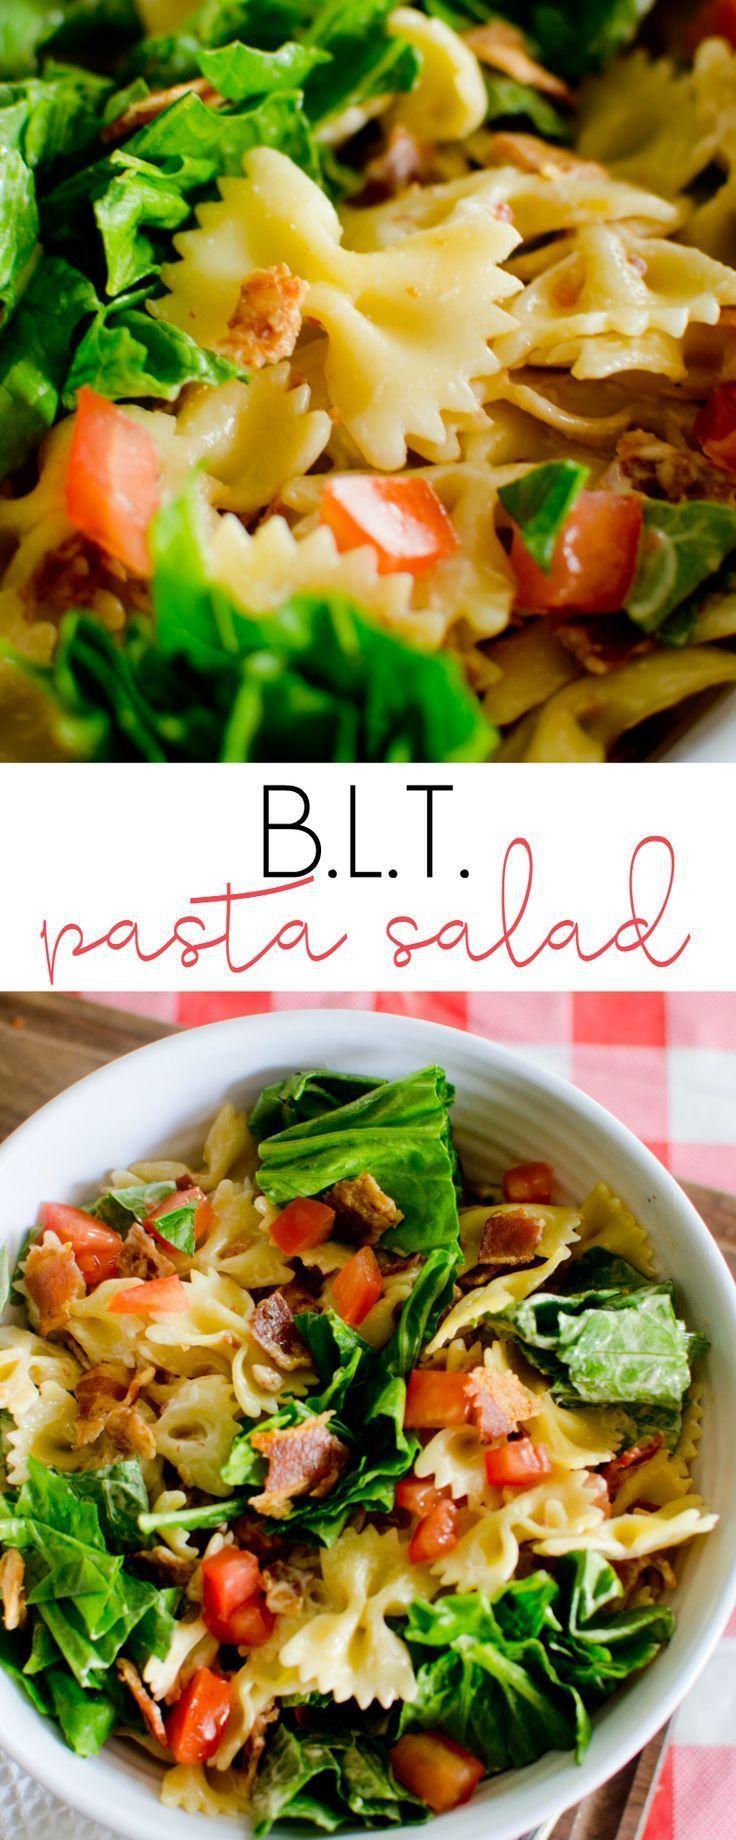 E blog lettuce bacon swingers